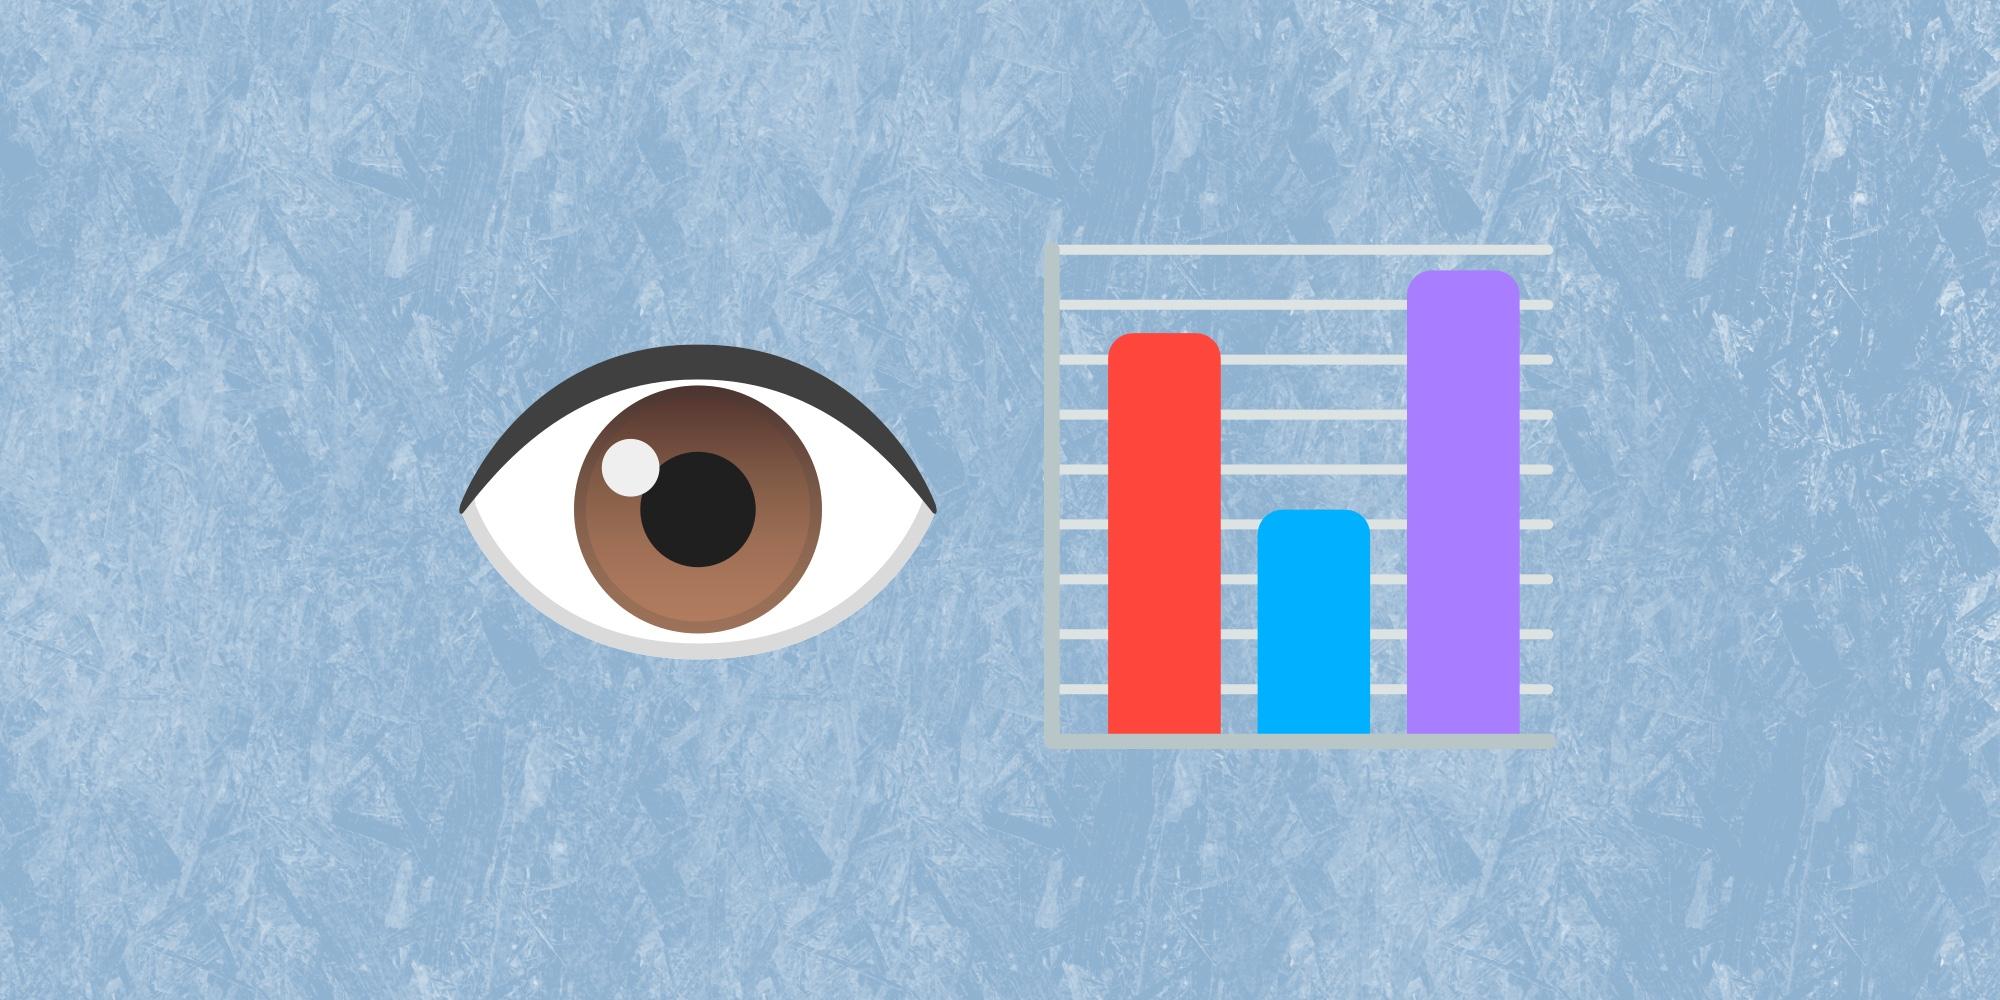 Результаты выводят в виде диаграмм, карт, графиков, гистограмм, 3-D моделей, либо пиктограмм. Инструменты для визуализации больших данных: Qlik, Microsoft (Excel, Power BI), Tableau (tableau desktop, tableau public), Orange и Microstrategy.